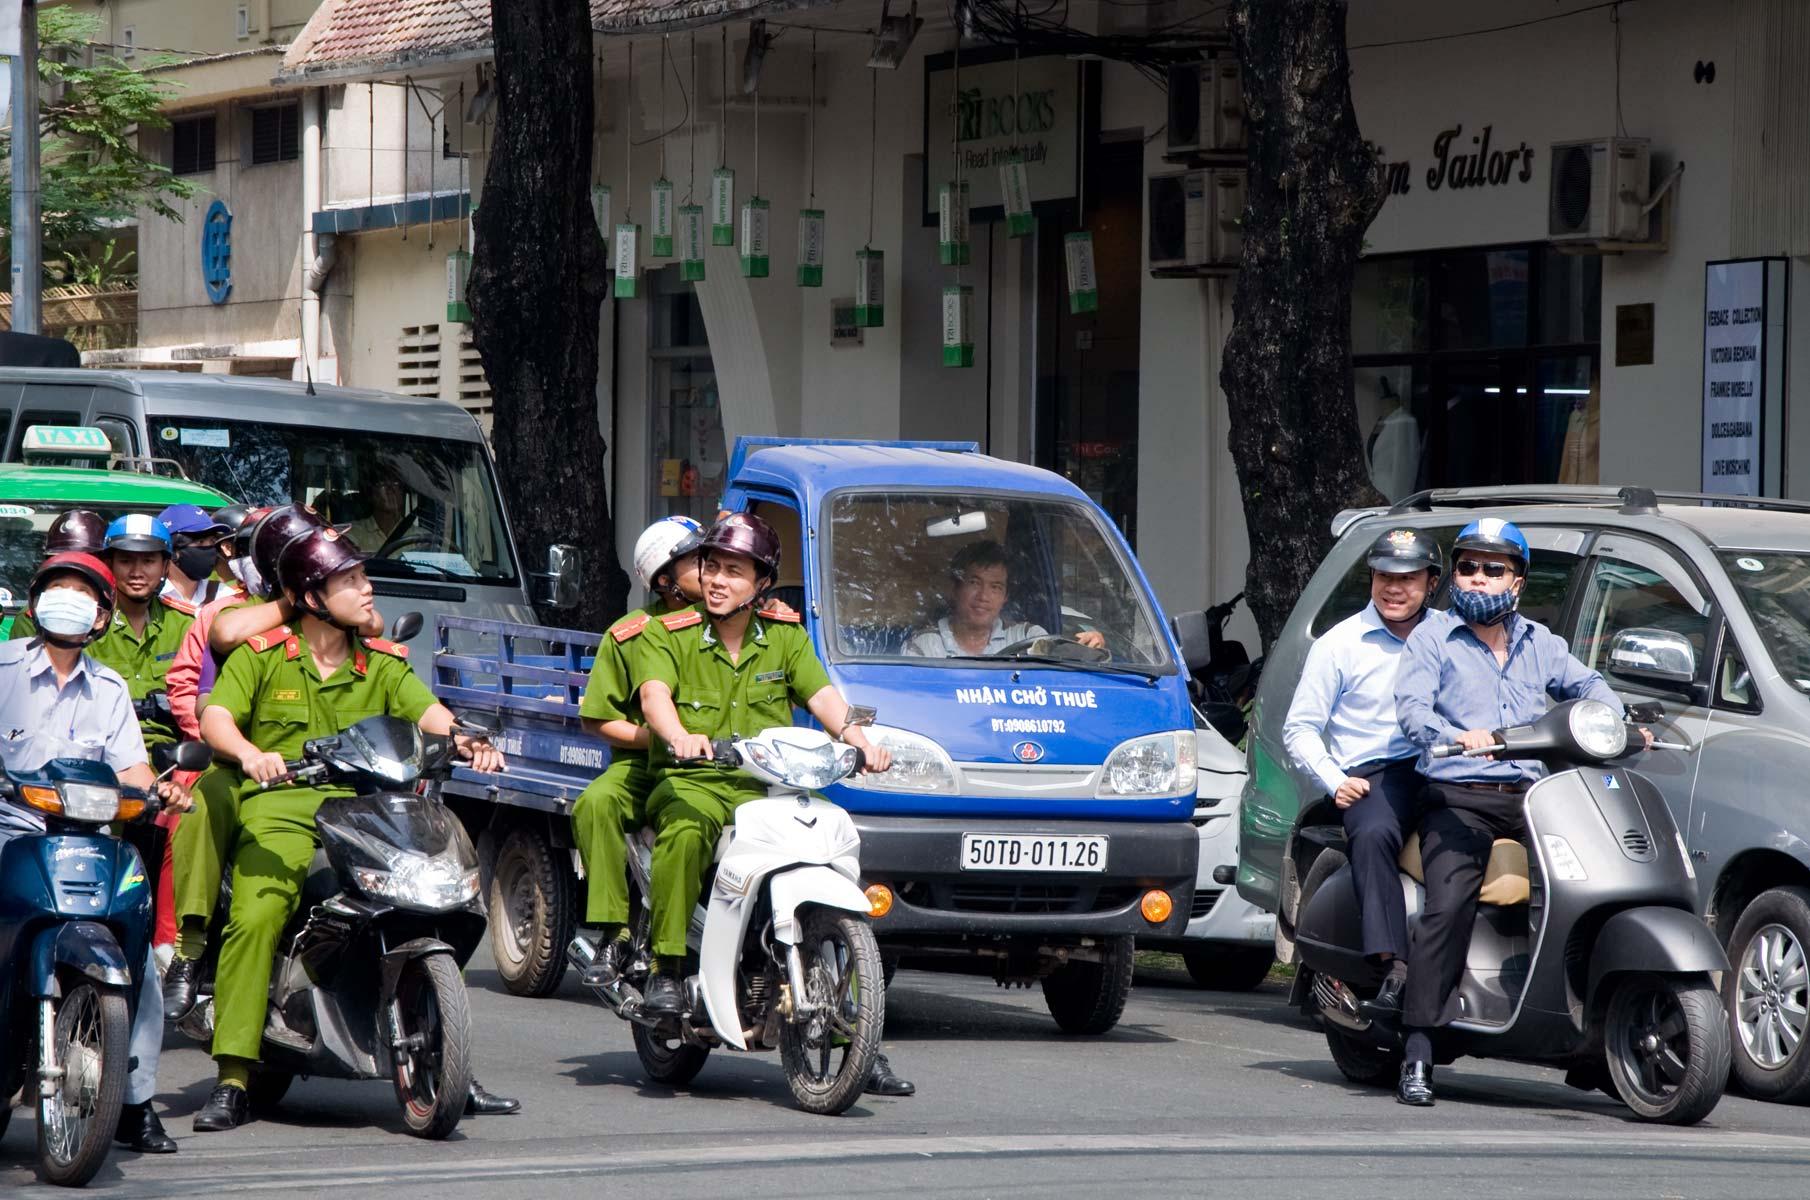 Verkehr mit Rollern in Saigon (Ho-Chi-Minh Stadt), Vietnam